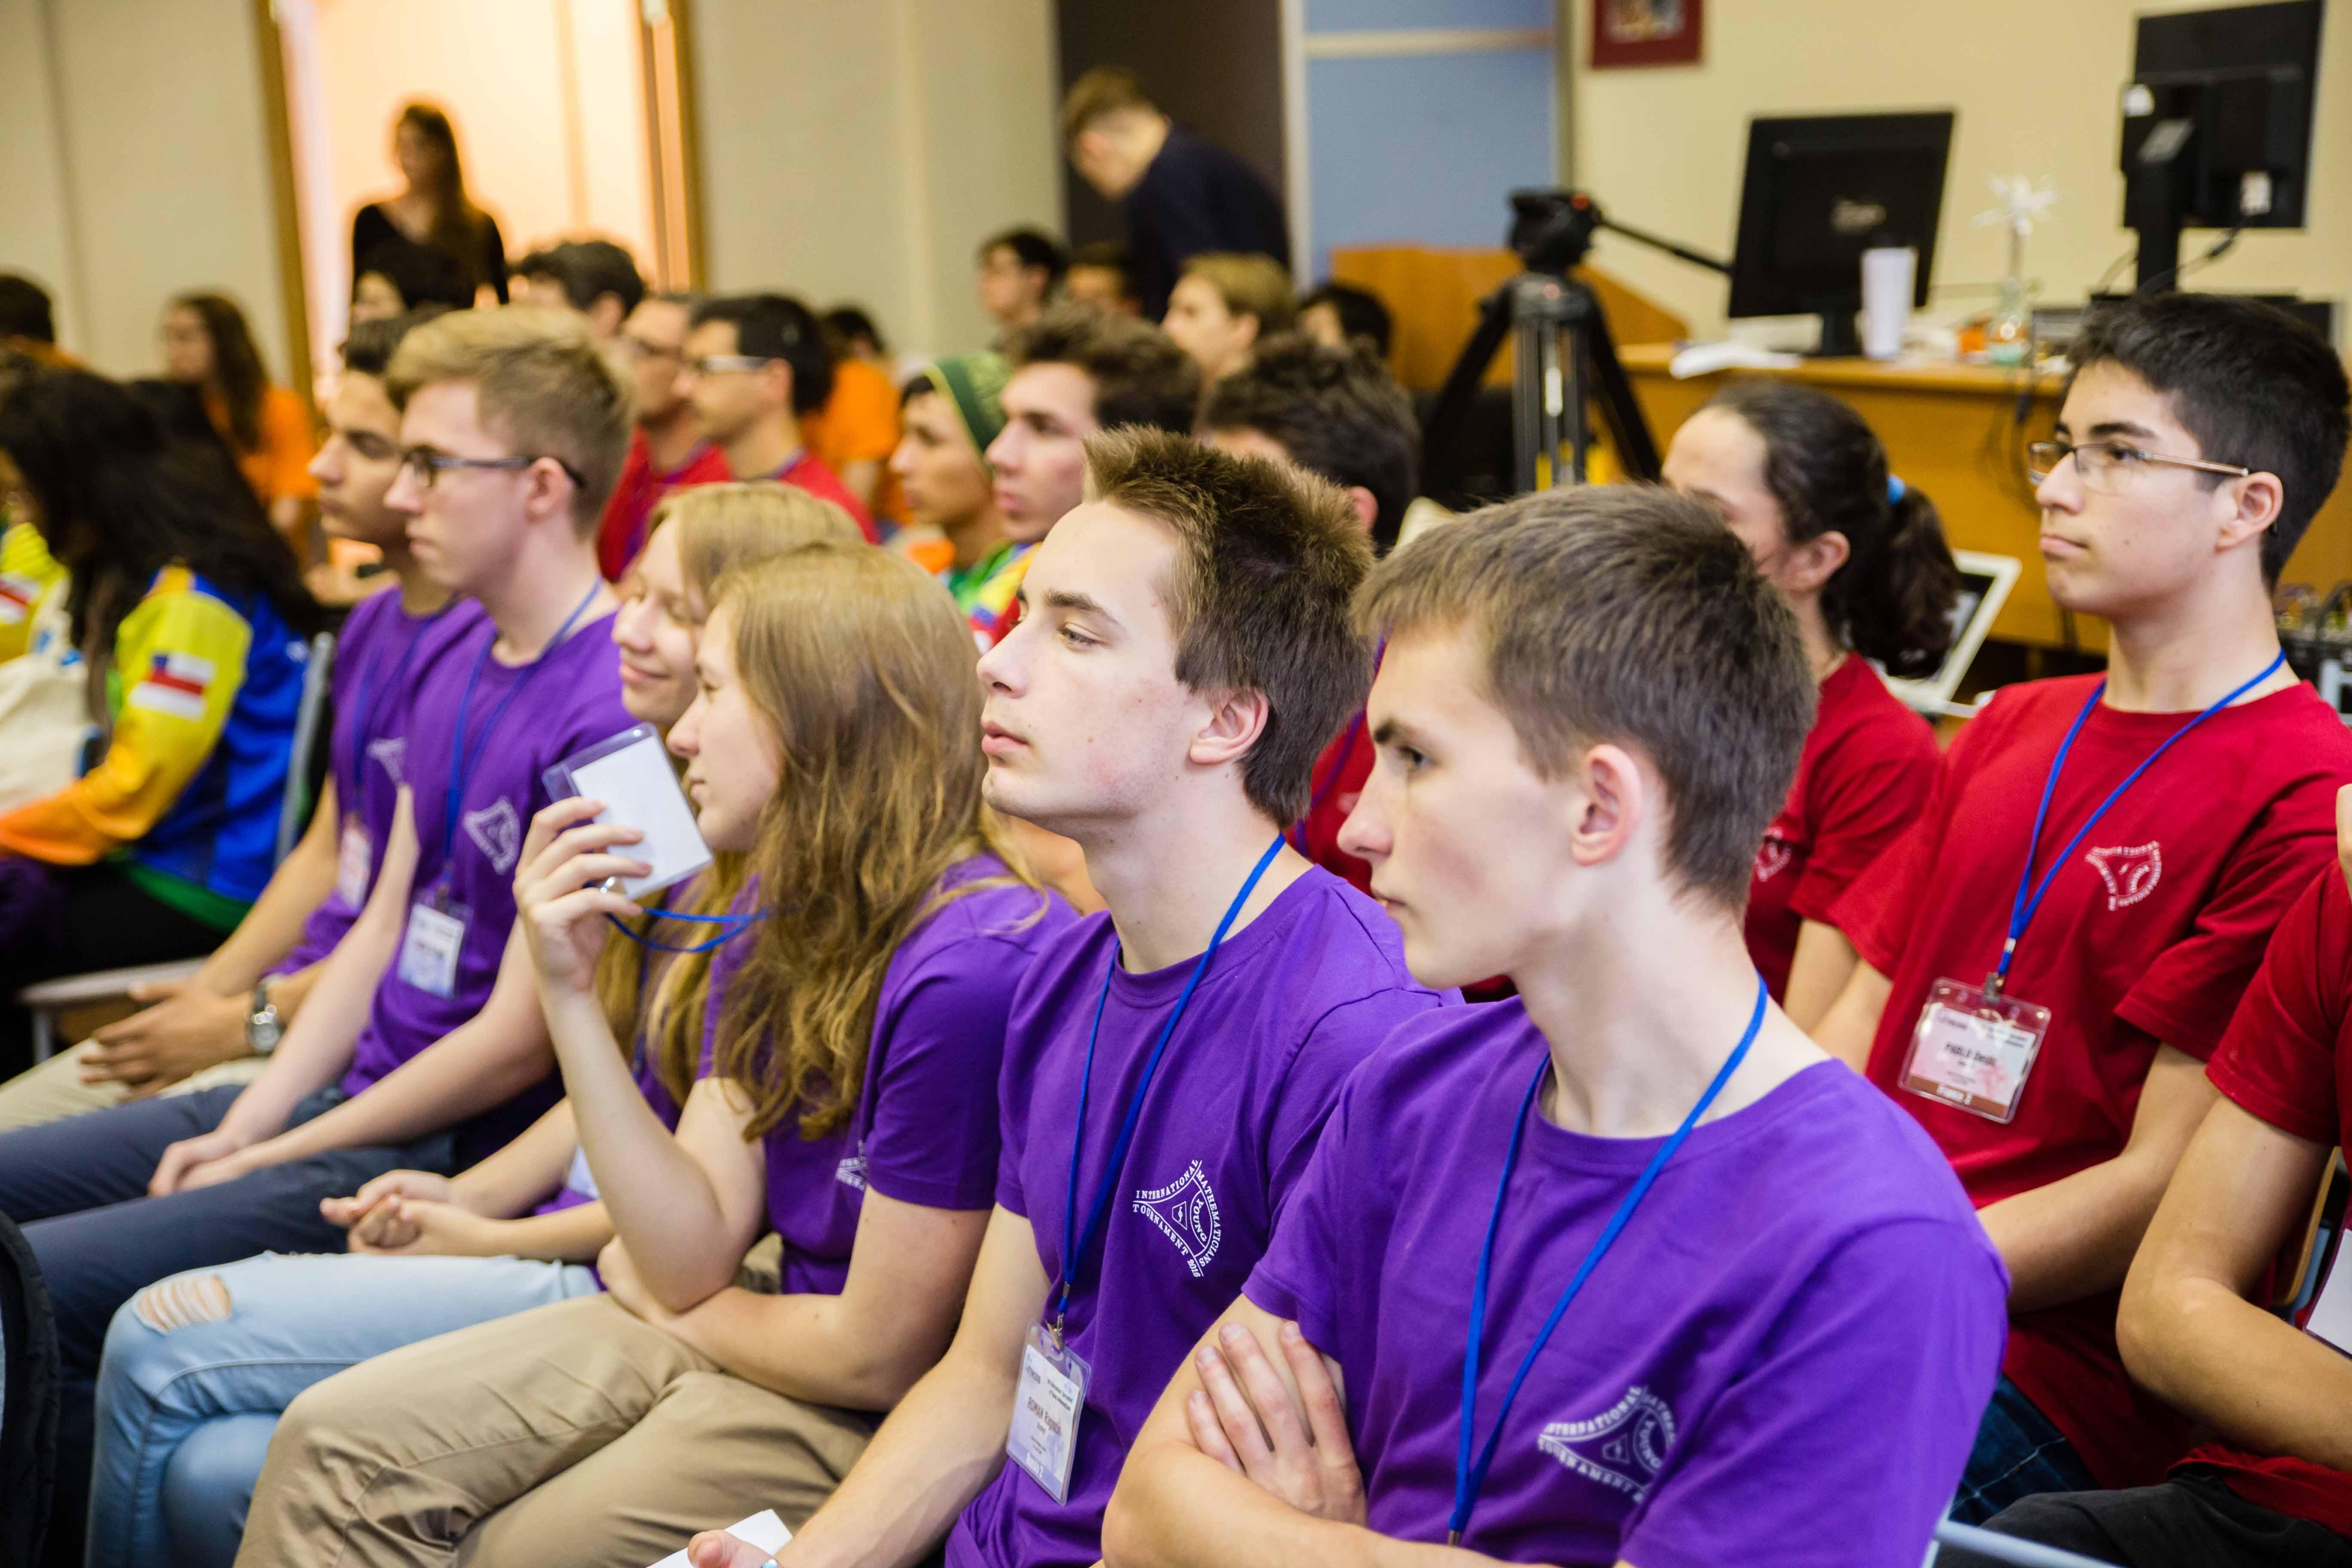 Университет ИТМО. В Петербурге впервые проходит Международный турнир юных математиков